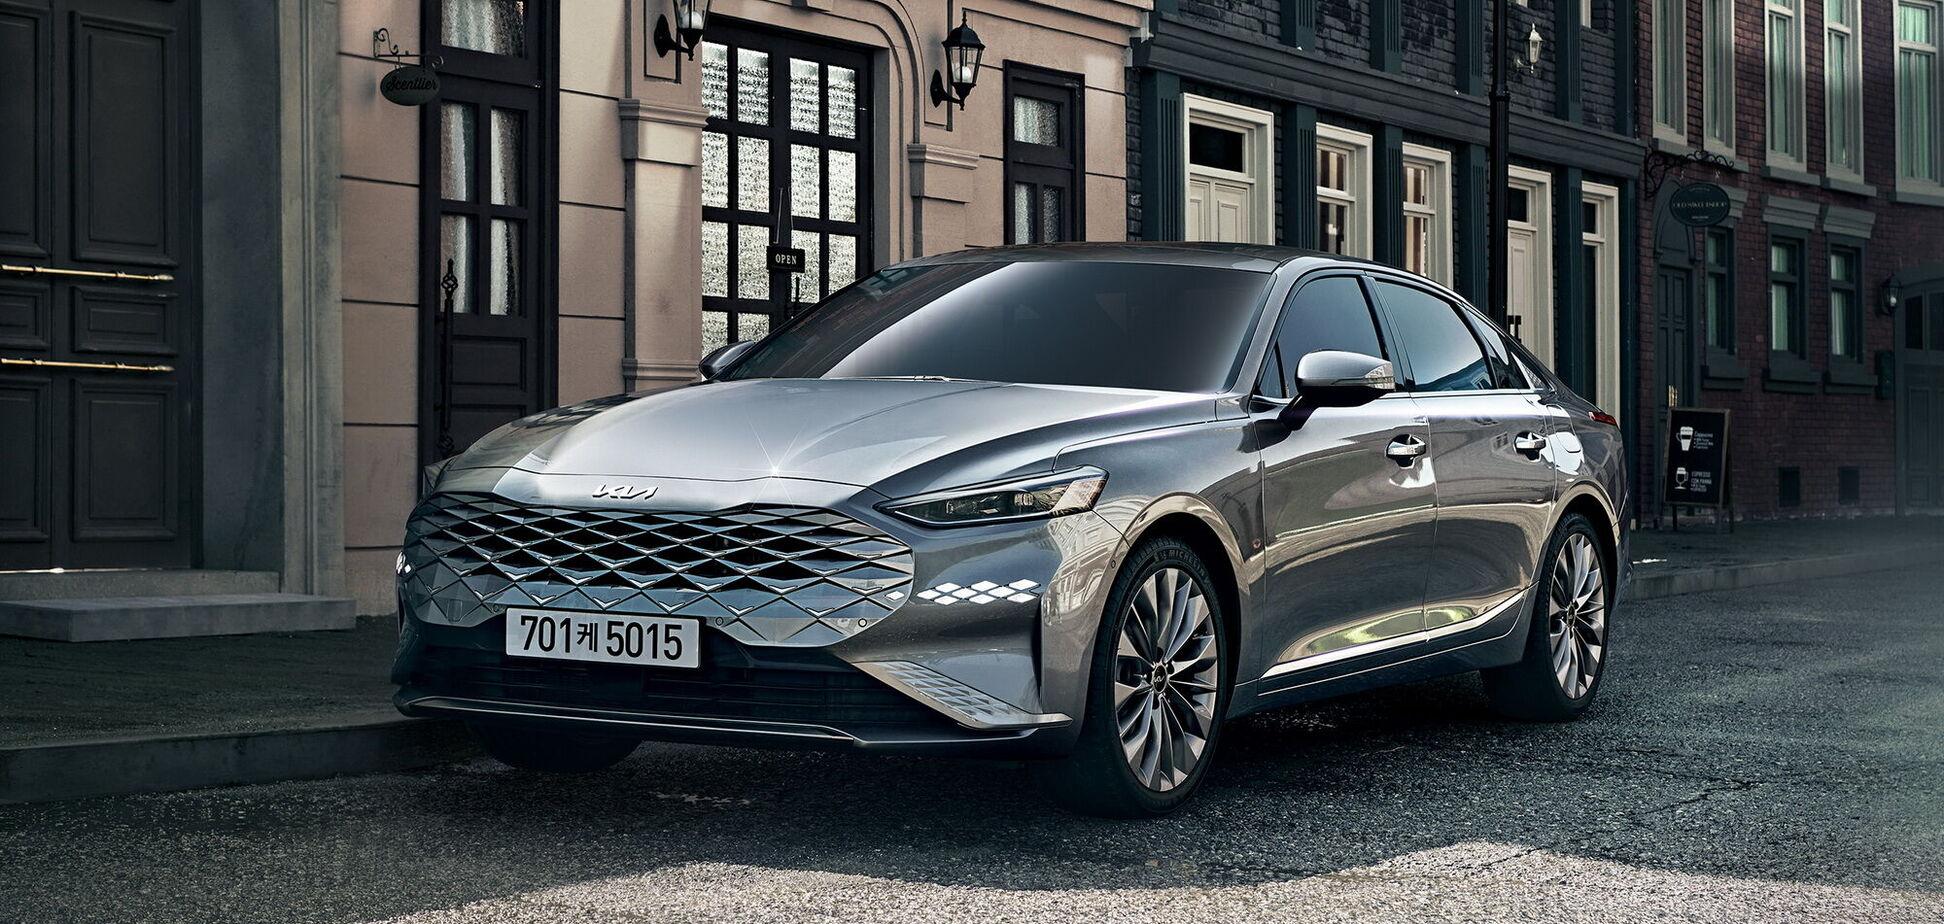 Kia розкрила характеристики флагманського седана К8